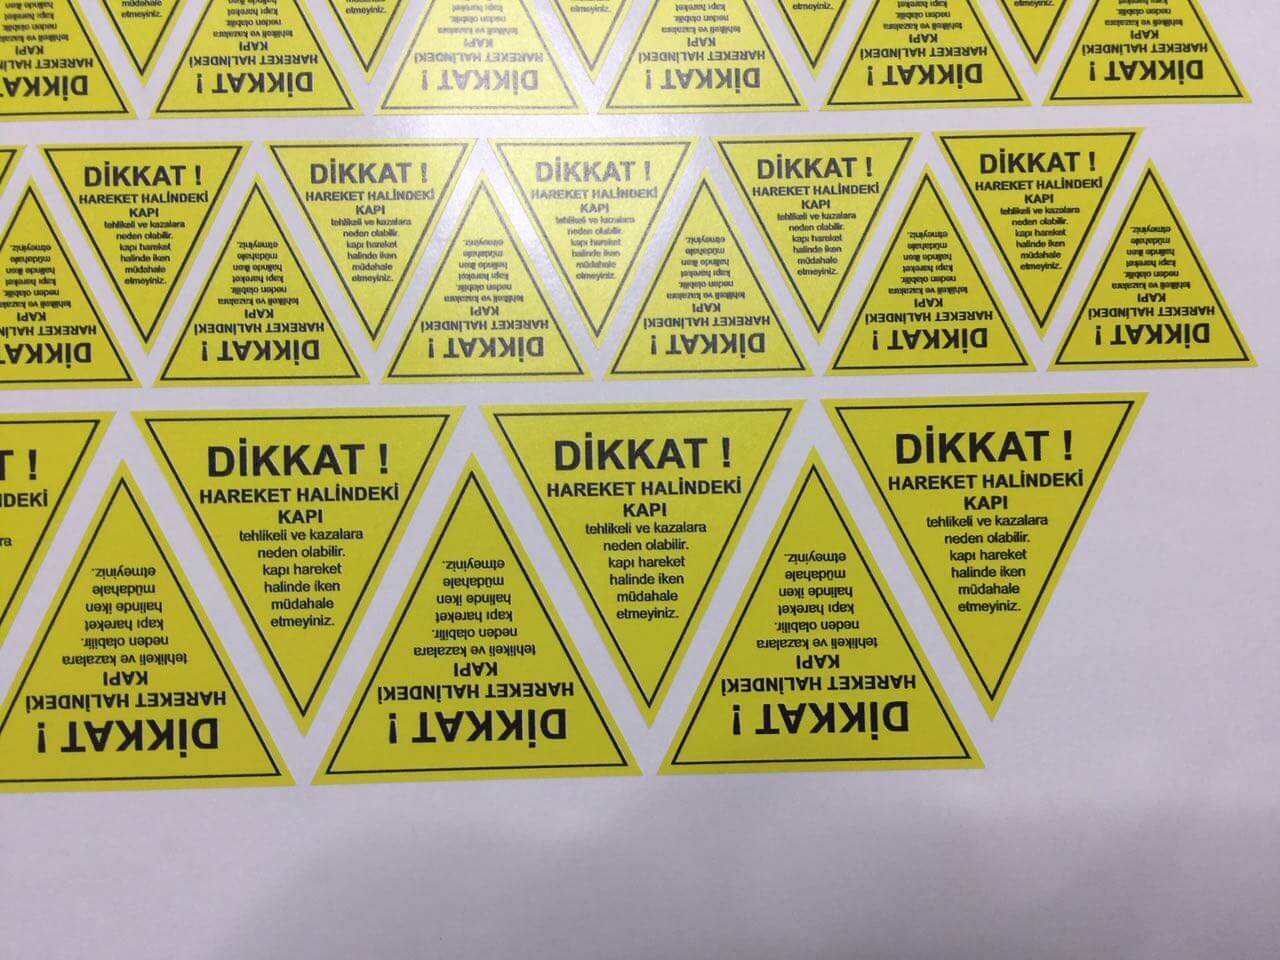 Uyarı Etiket Kesim